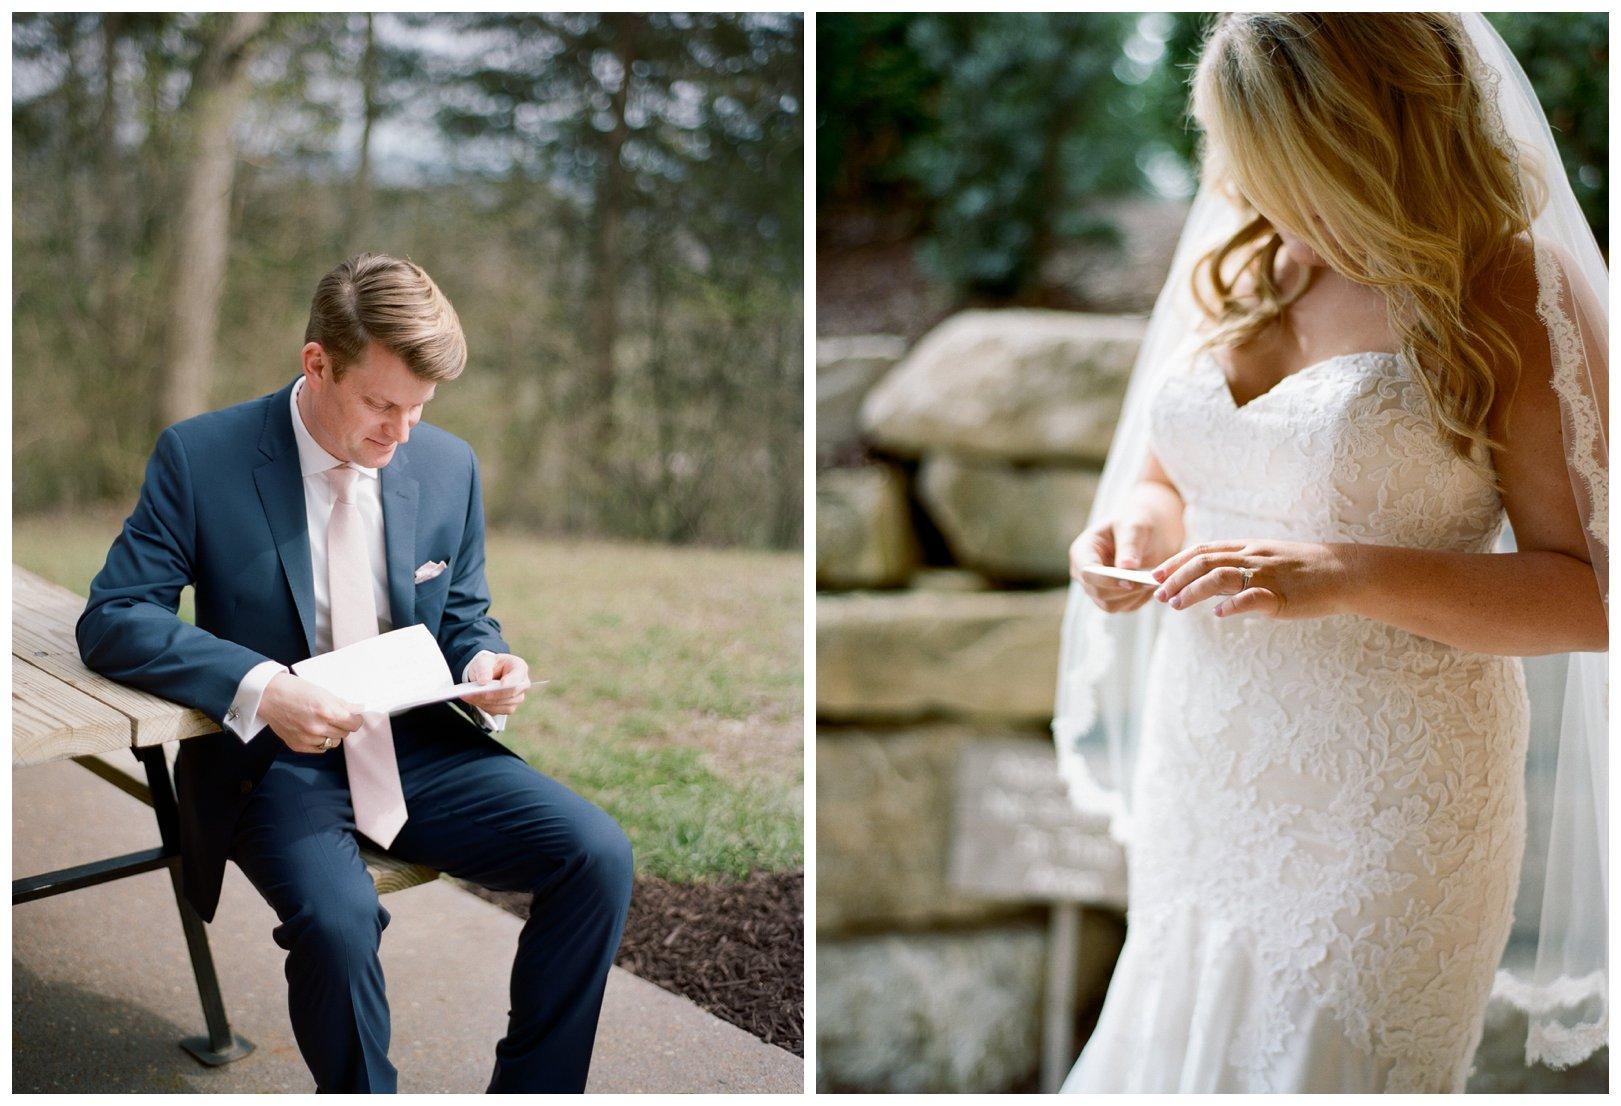 lauren muckler photography_fine art film wedding photography_st louis_photography_0972.jpg